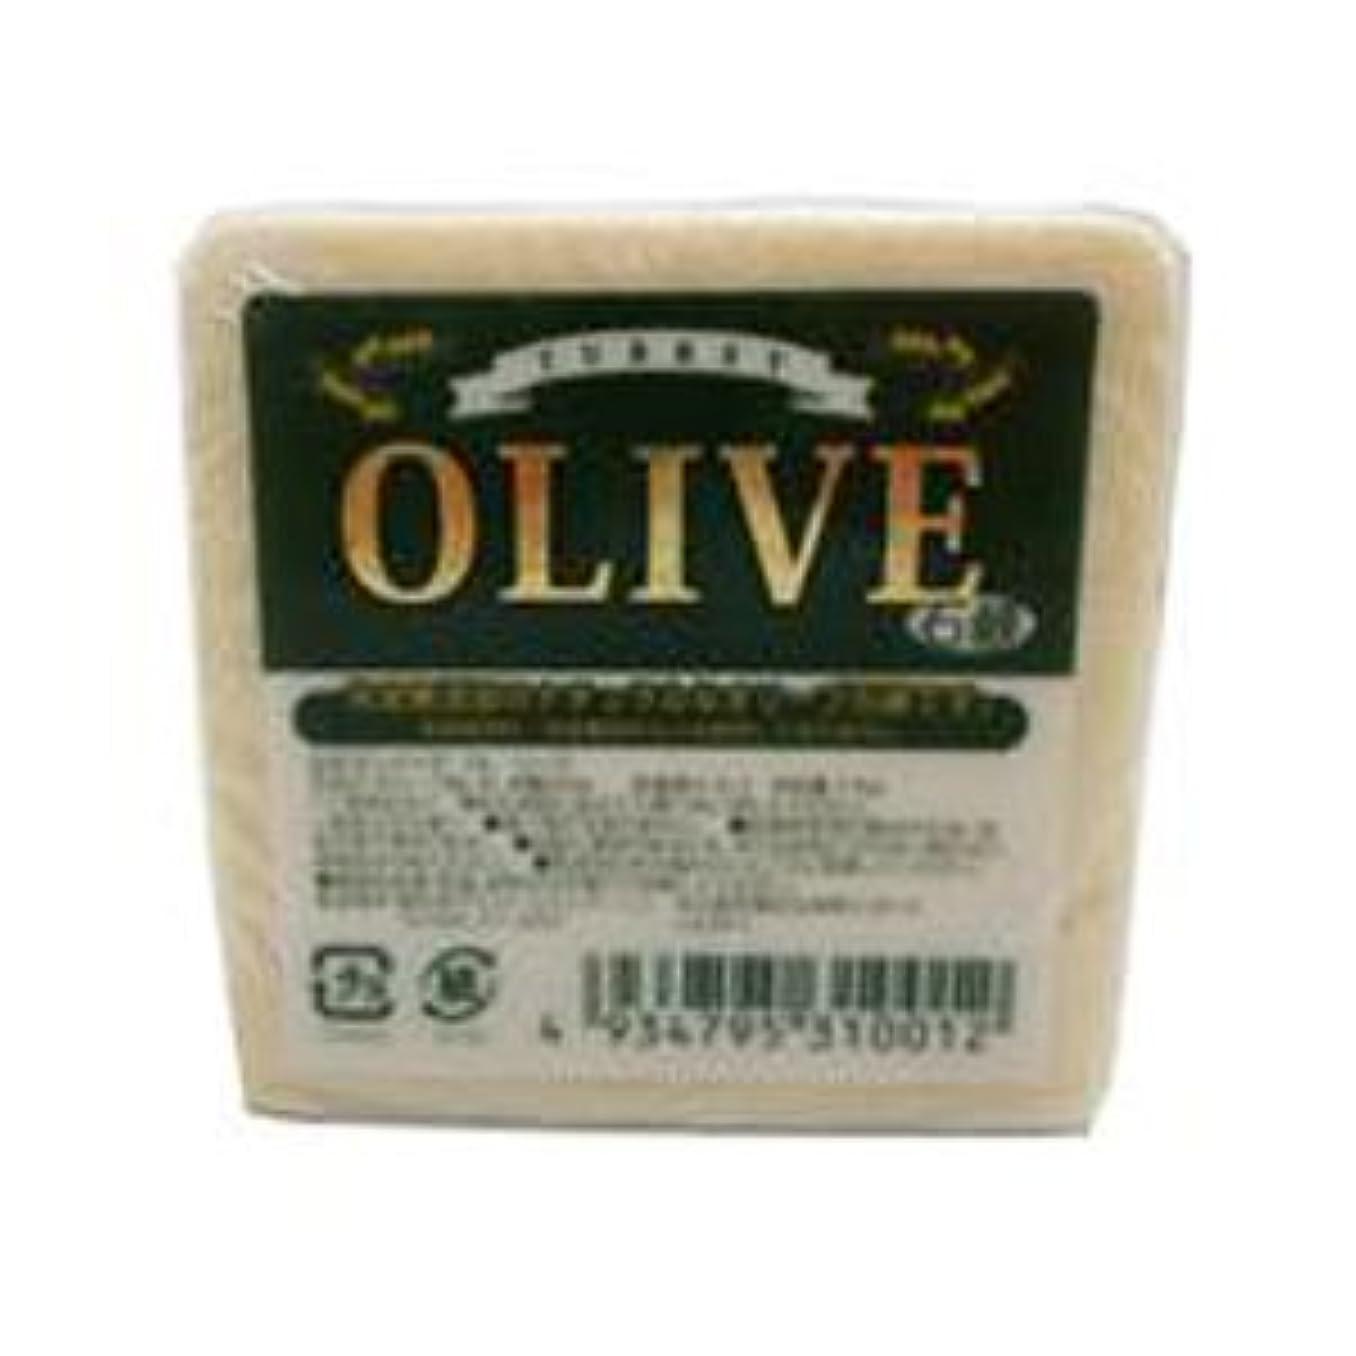 大きい便宜集計お得な5個セット トルコ産オリーブを使用した無添加石鹸 ターキーオリーブ石鹸 135g